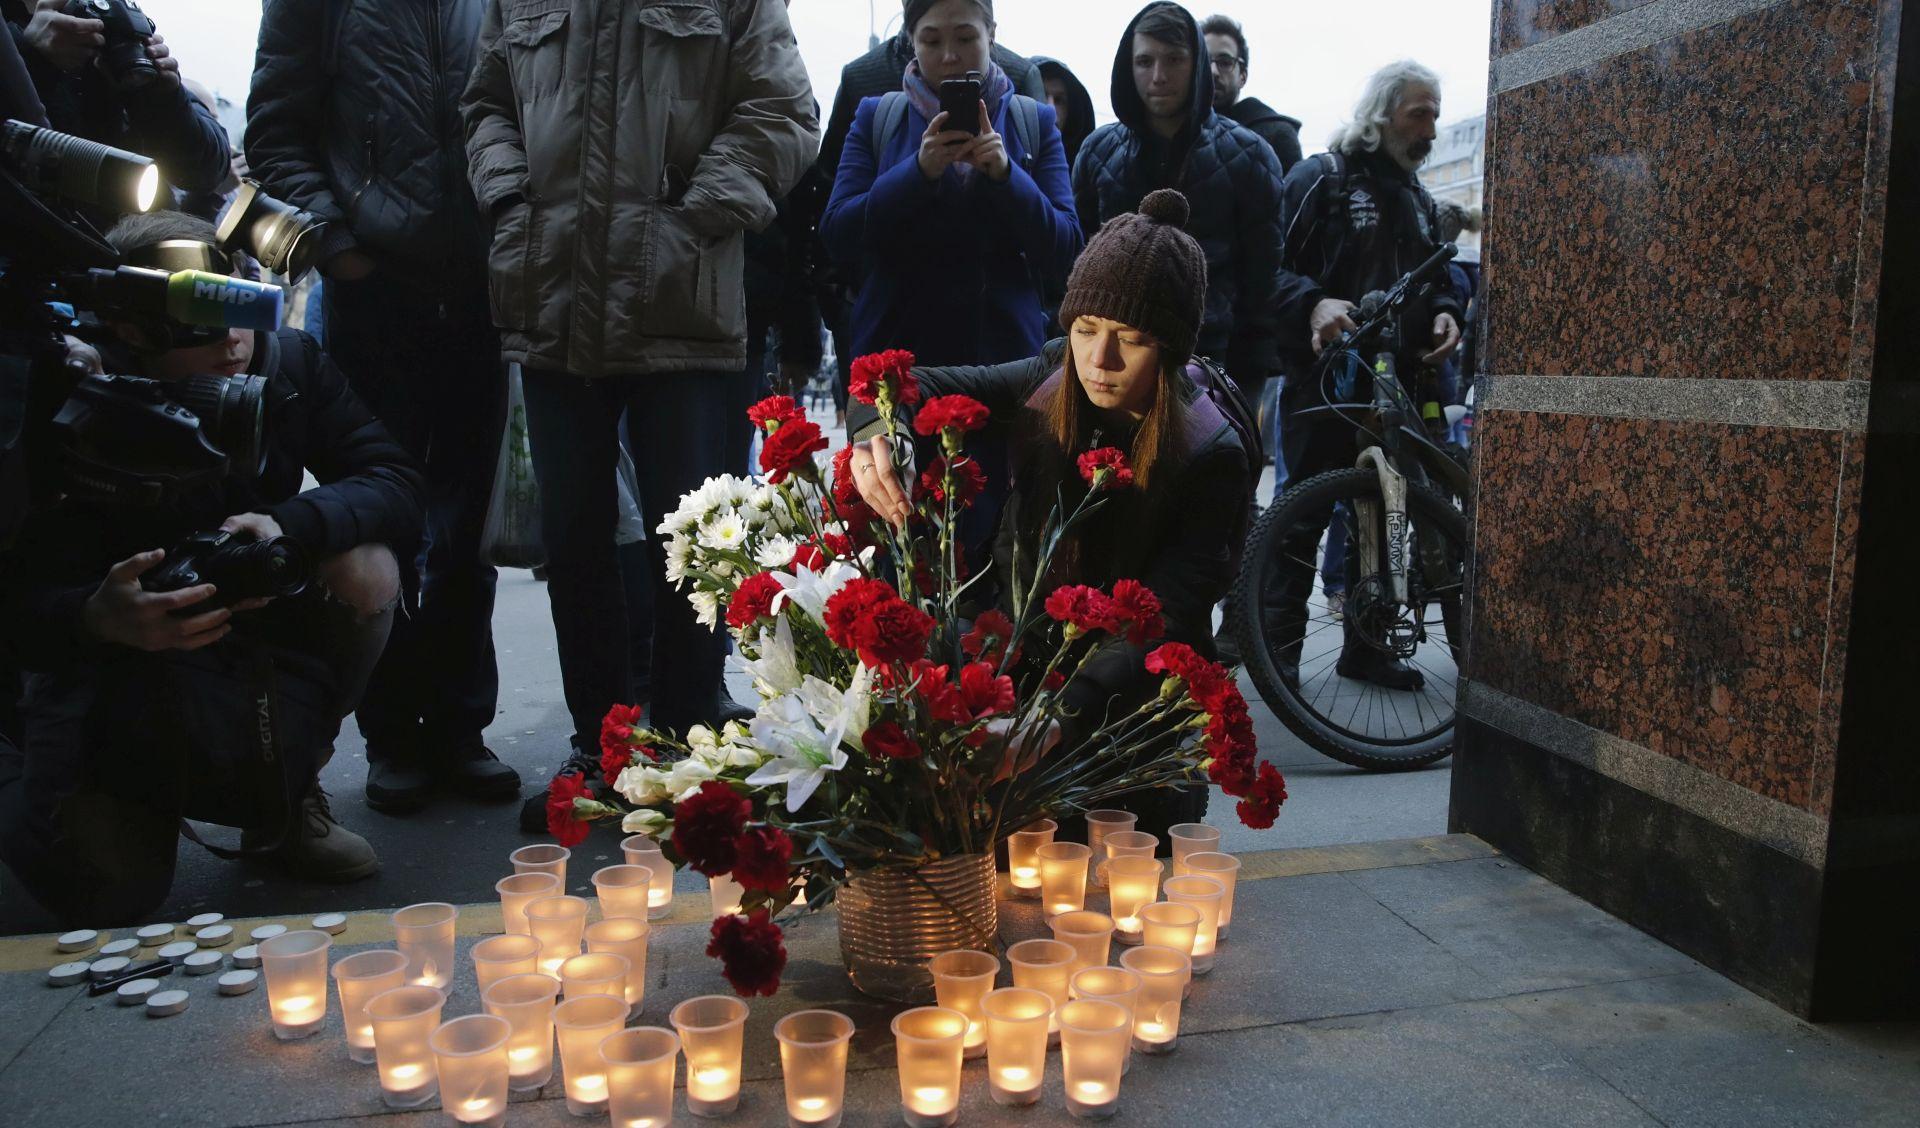 Za eksploziju u Sankt Peterburgu osumnjičen ruski državljanin podrijetlom iz Kirgistana